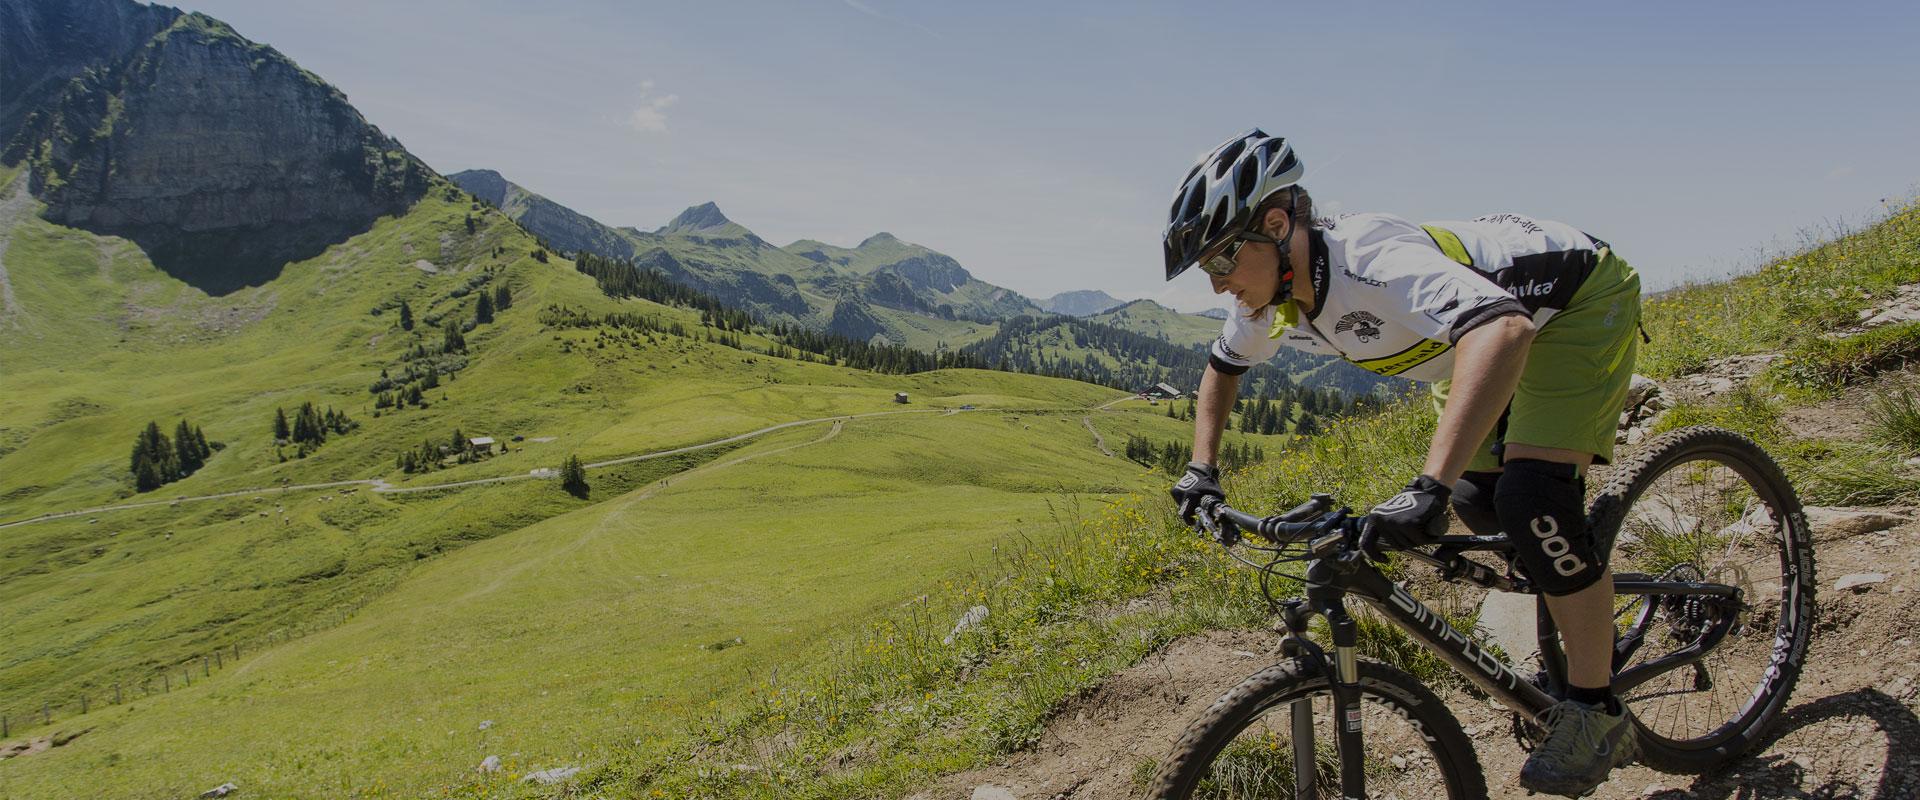 mountainbike urlaub in österreich